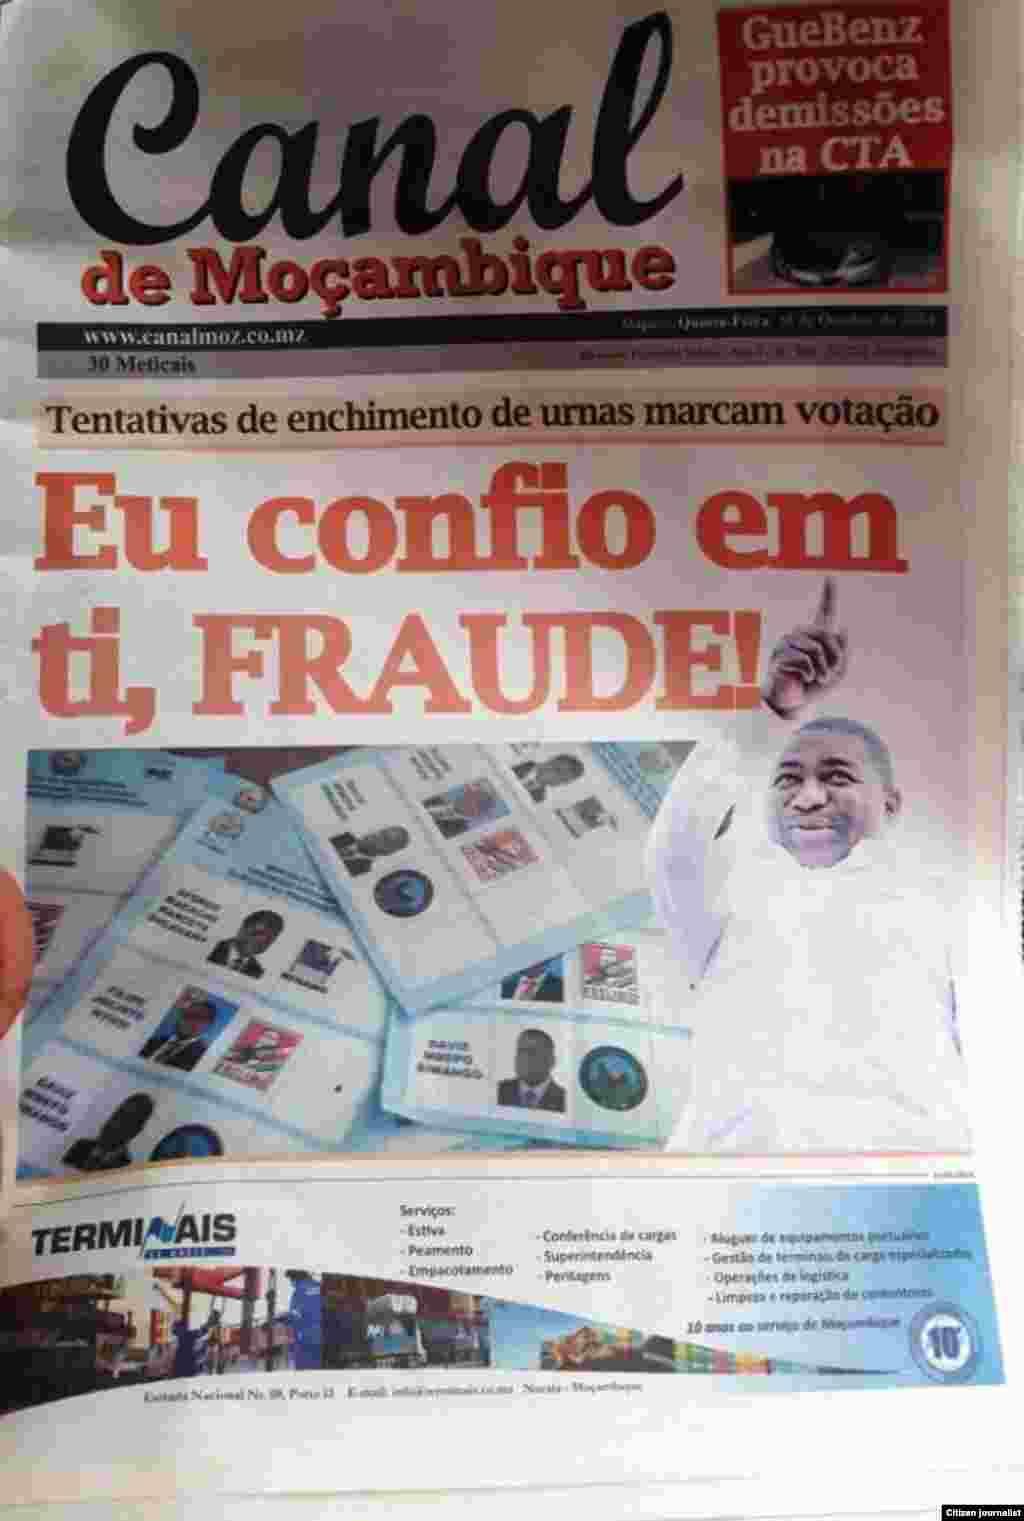 Capa de jornal Canal Moçambique de 16 de Outubro, um dia após o escrutínio no país. A manchete faz um trocadilho com o slogan do candidato Filipe Nyusi. Outubro 2014